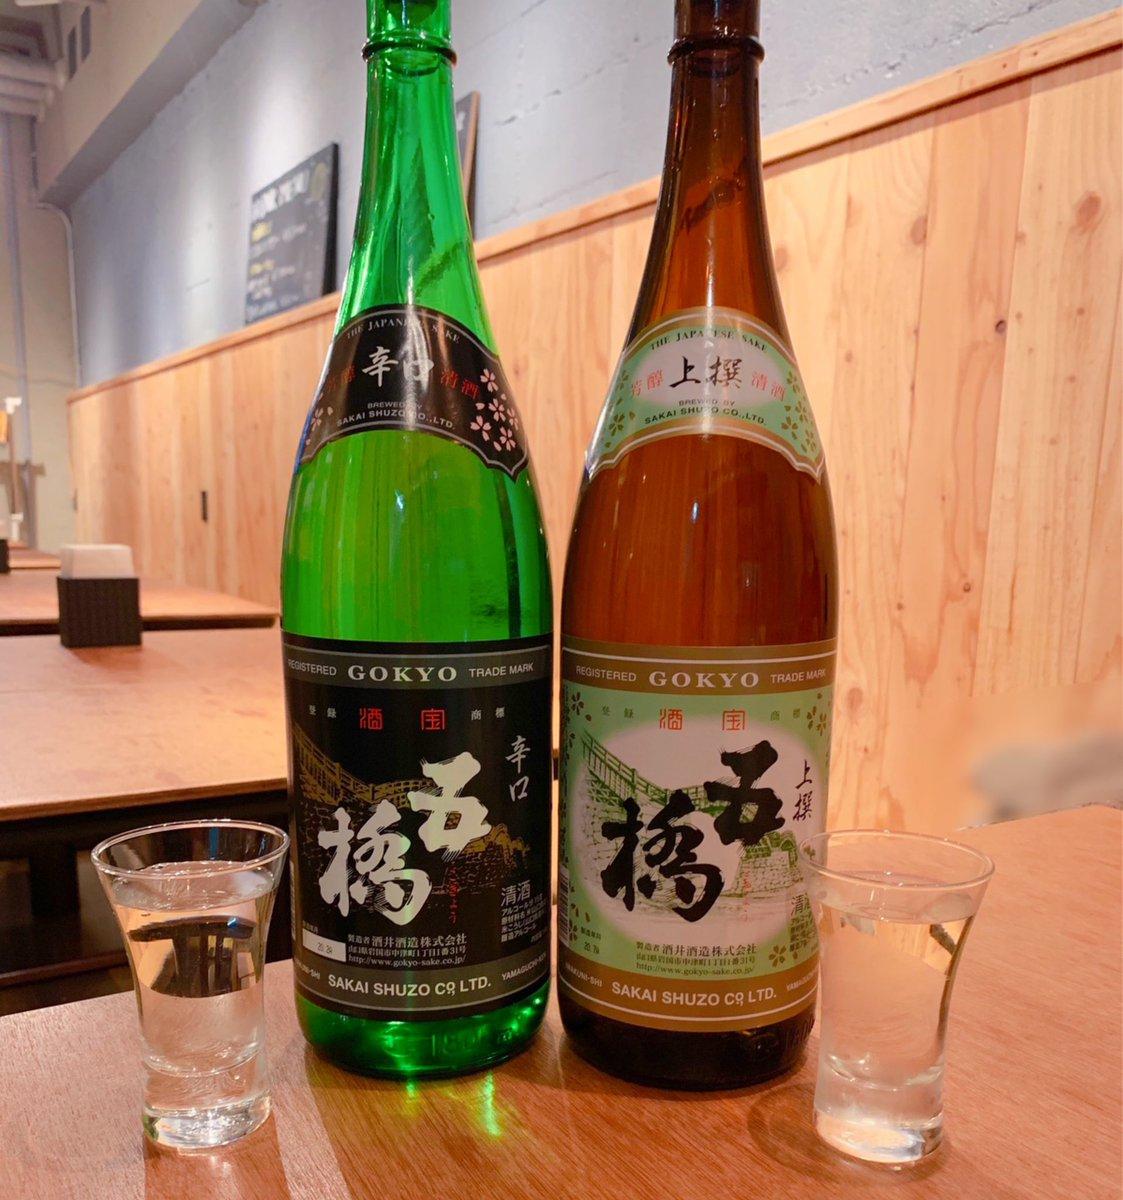 test ツイッターメディア - 急に友達から連絡があり 居酒屋にきてます  こちらの店長さんは 山口県出身  山口県の日本酒の(*´ω`*) いただきます  五橋飲み比べ! https://t.co/iApk0kfVkM